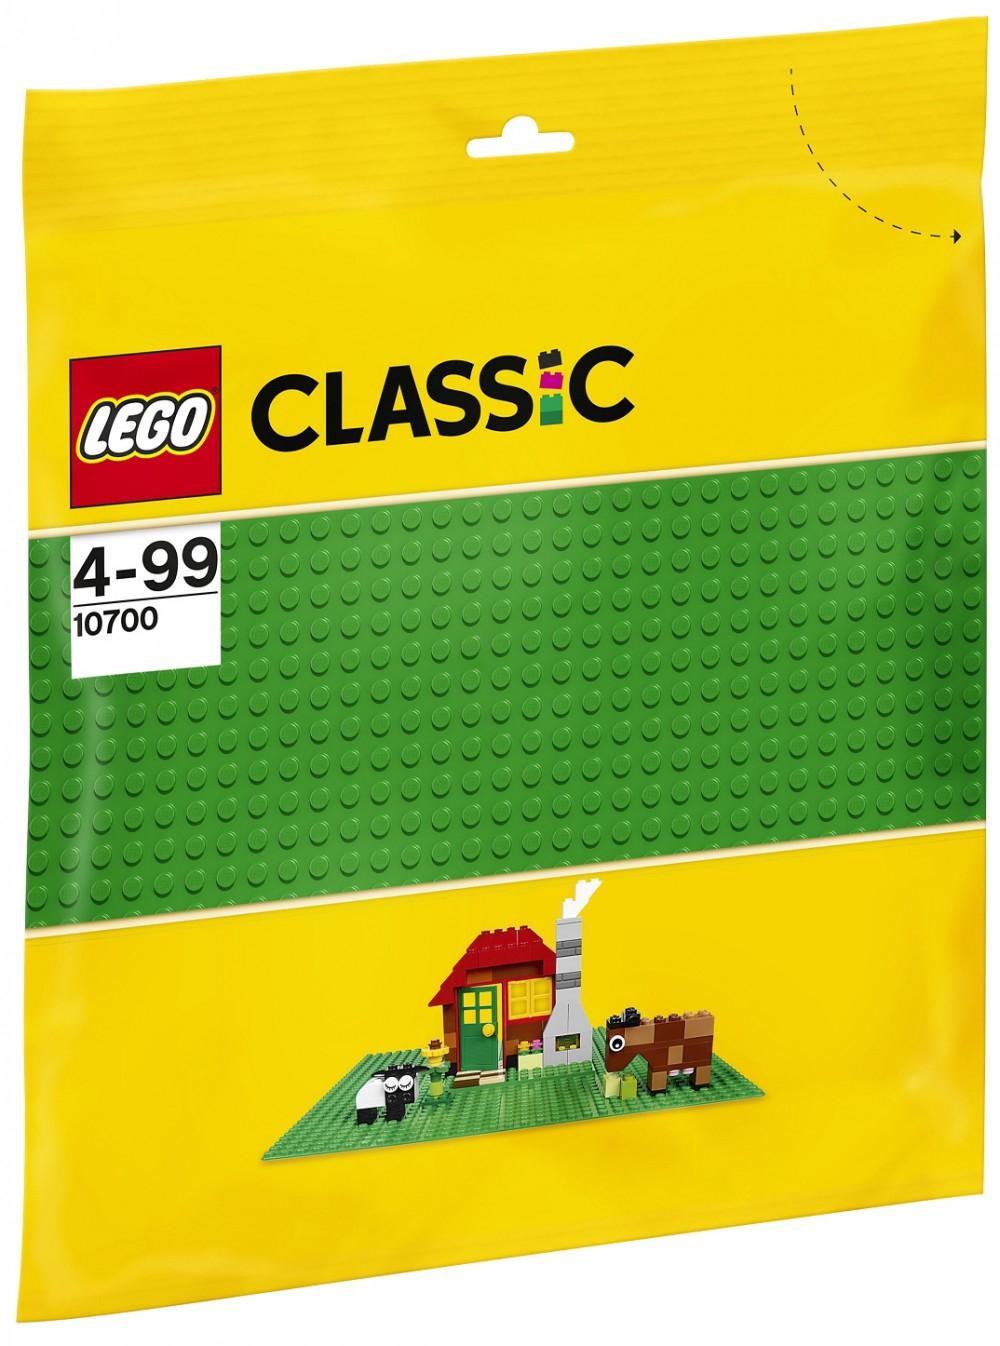 Plaque verte Classic 10700 offerte dès 19€ d'achat dans la gamme Lego